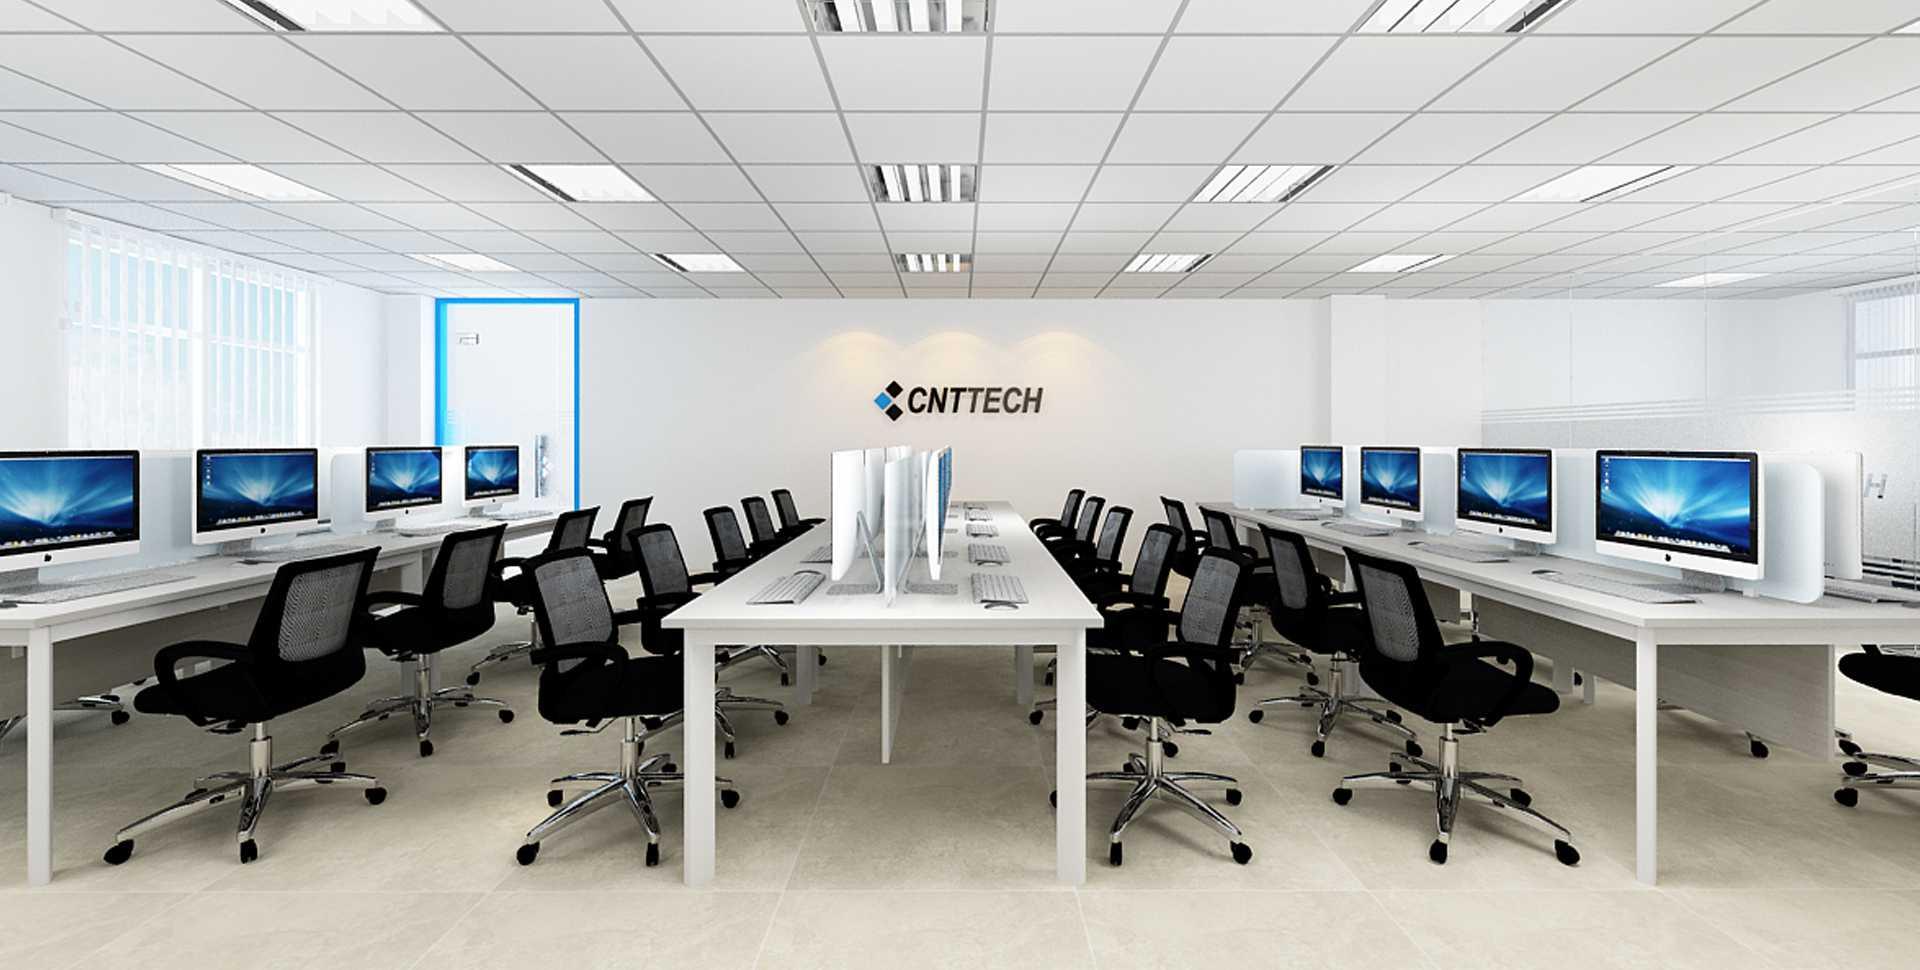 Thi Công Văn Phòng công ty CNT Tech